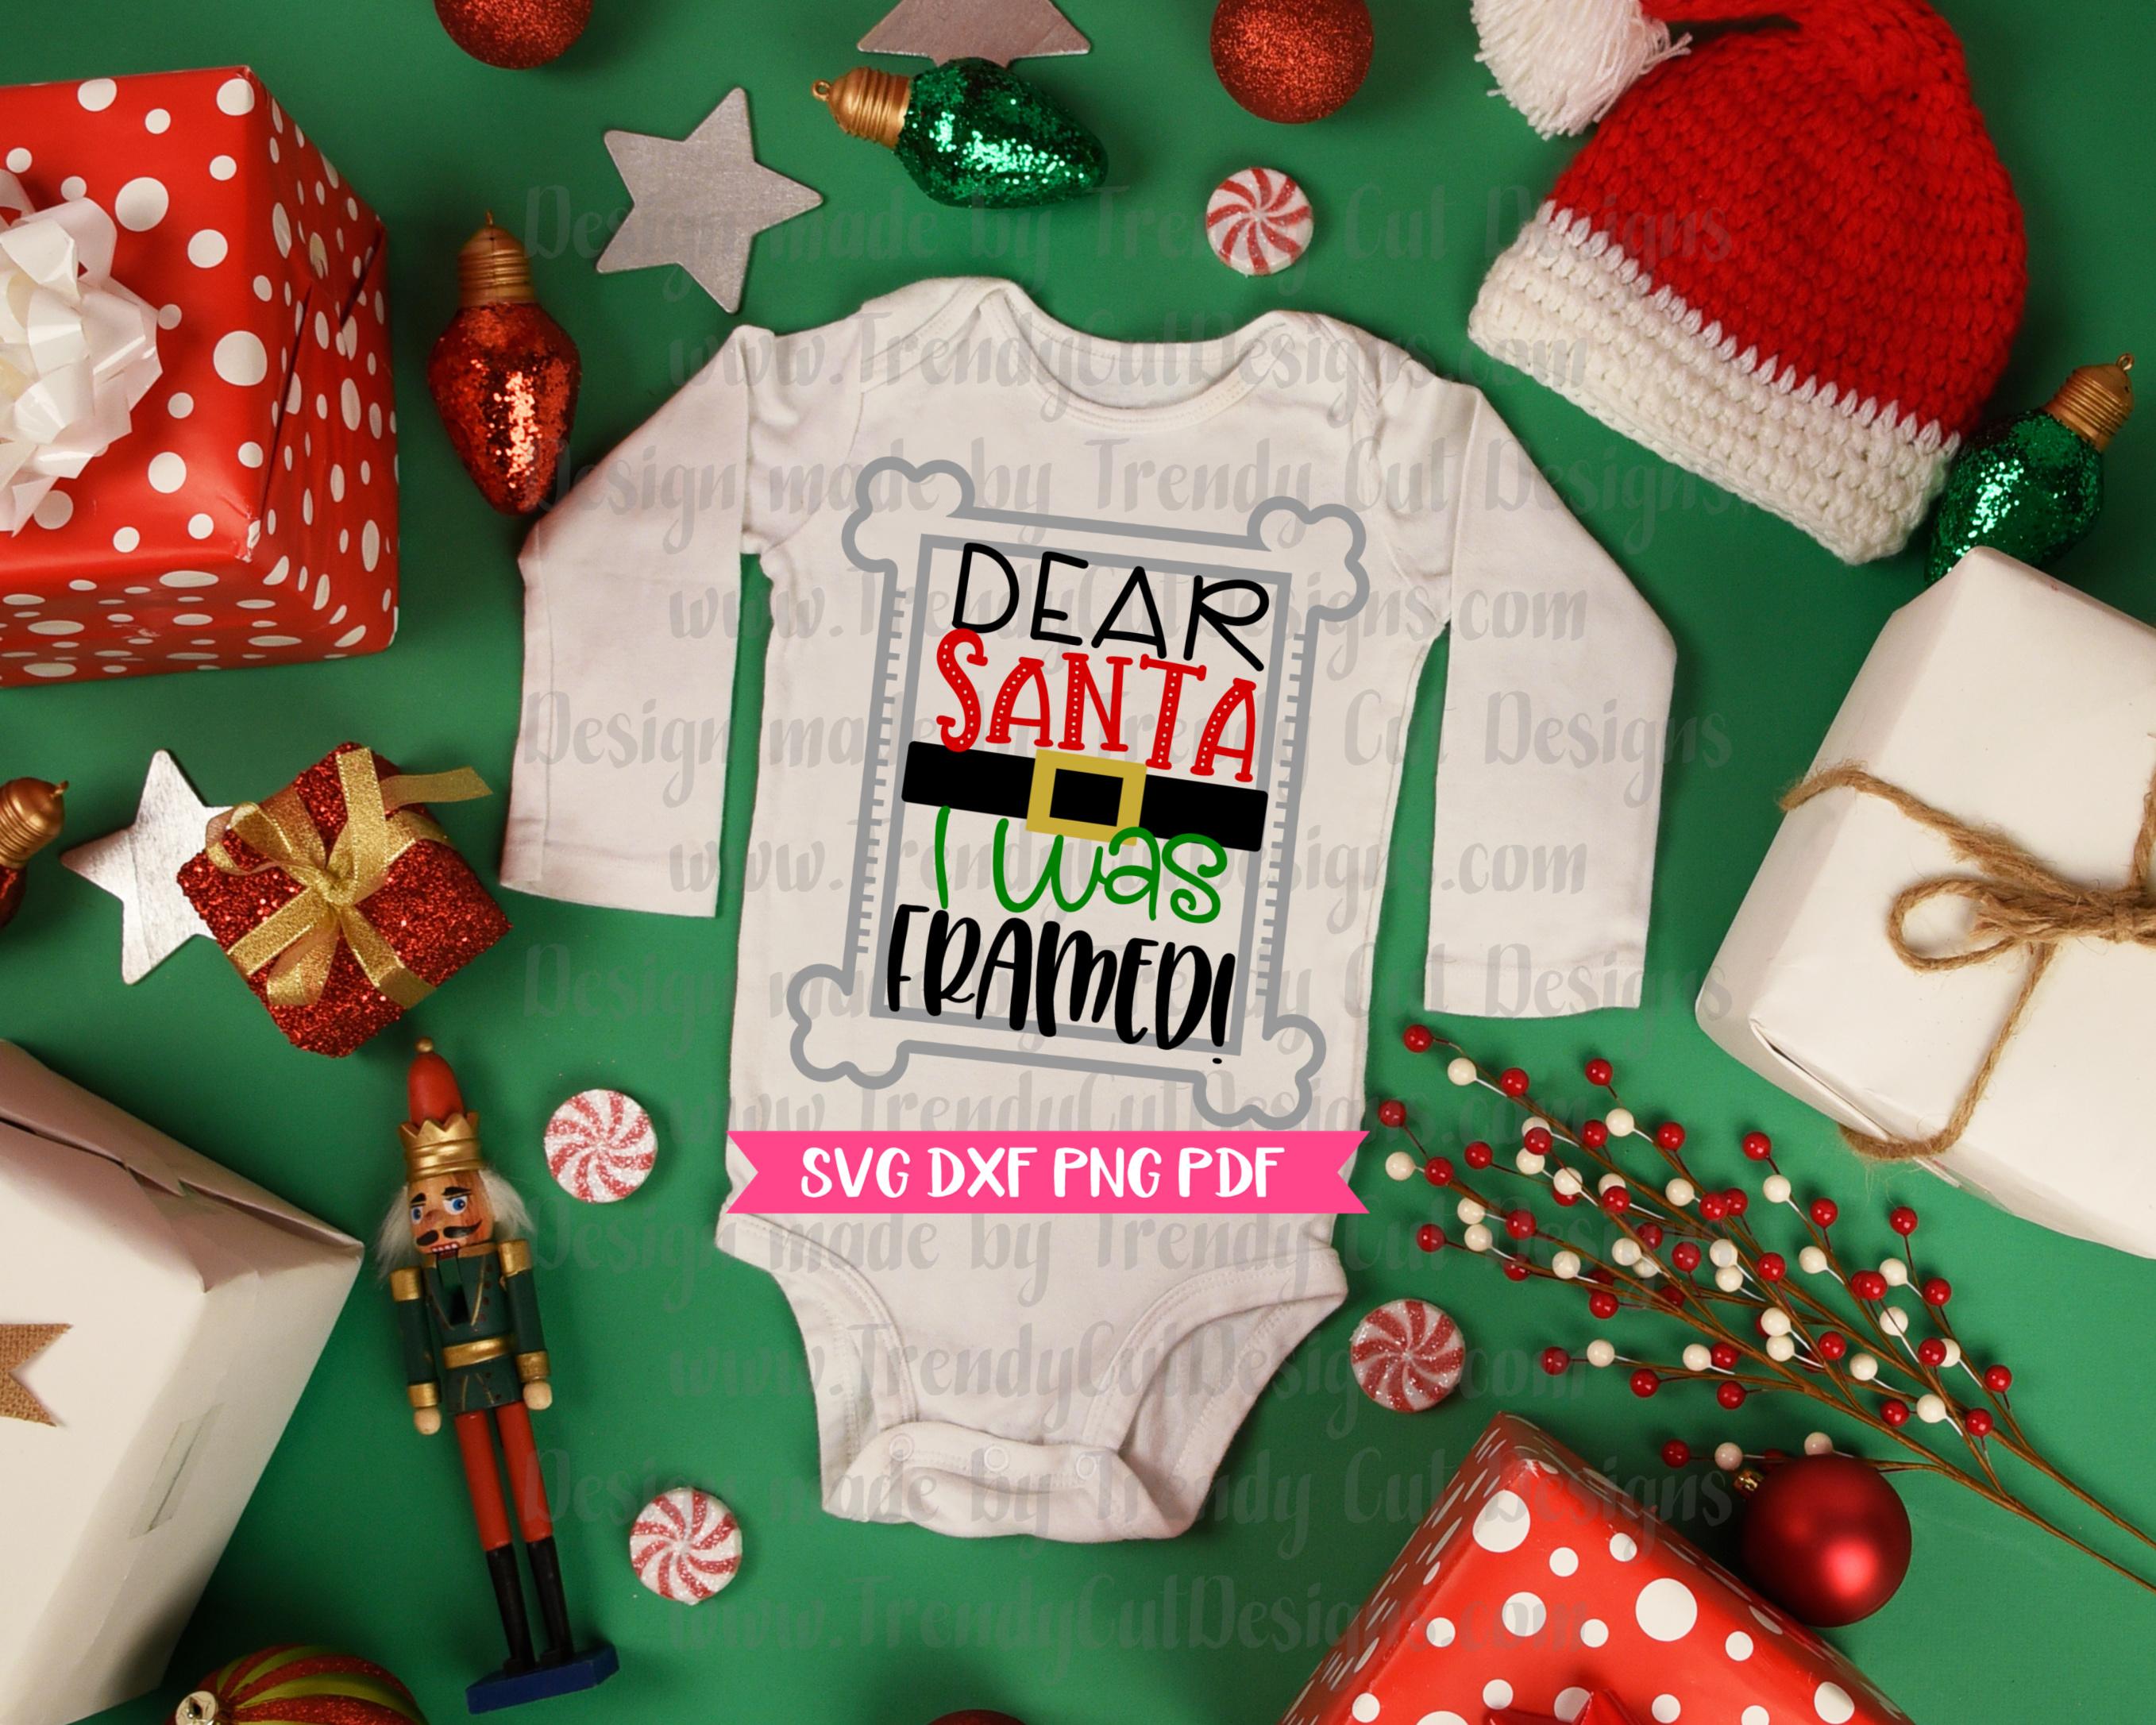 Dear Santa I was Framed SVG example image 2